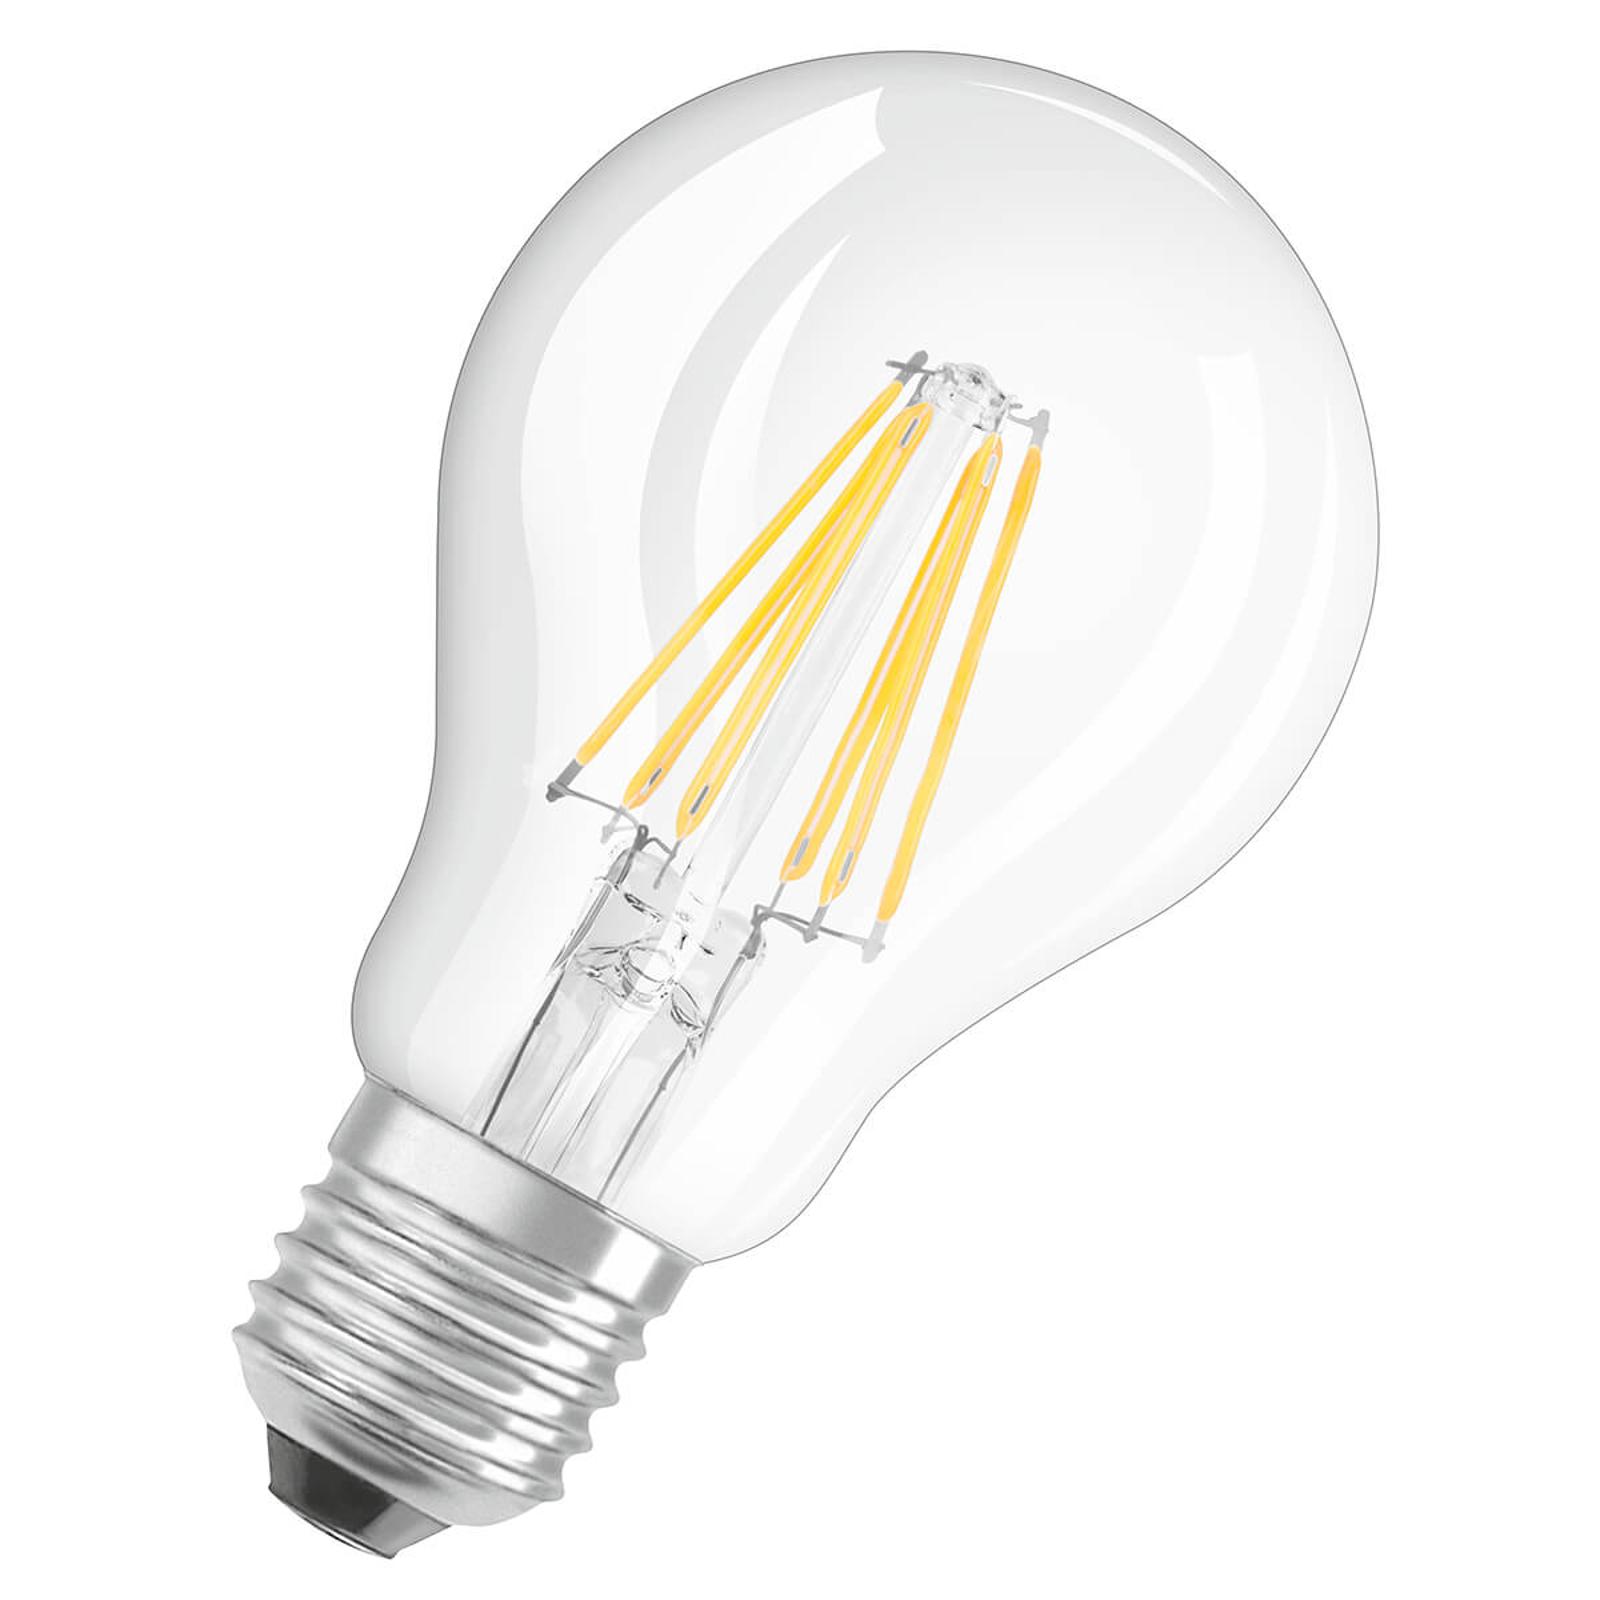 Lampadina a filamenti LED E27 7,5W, bianco caldo